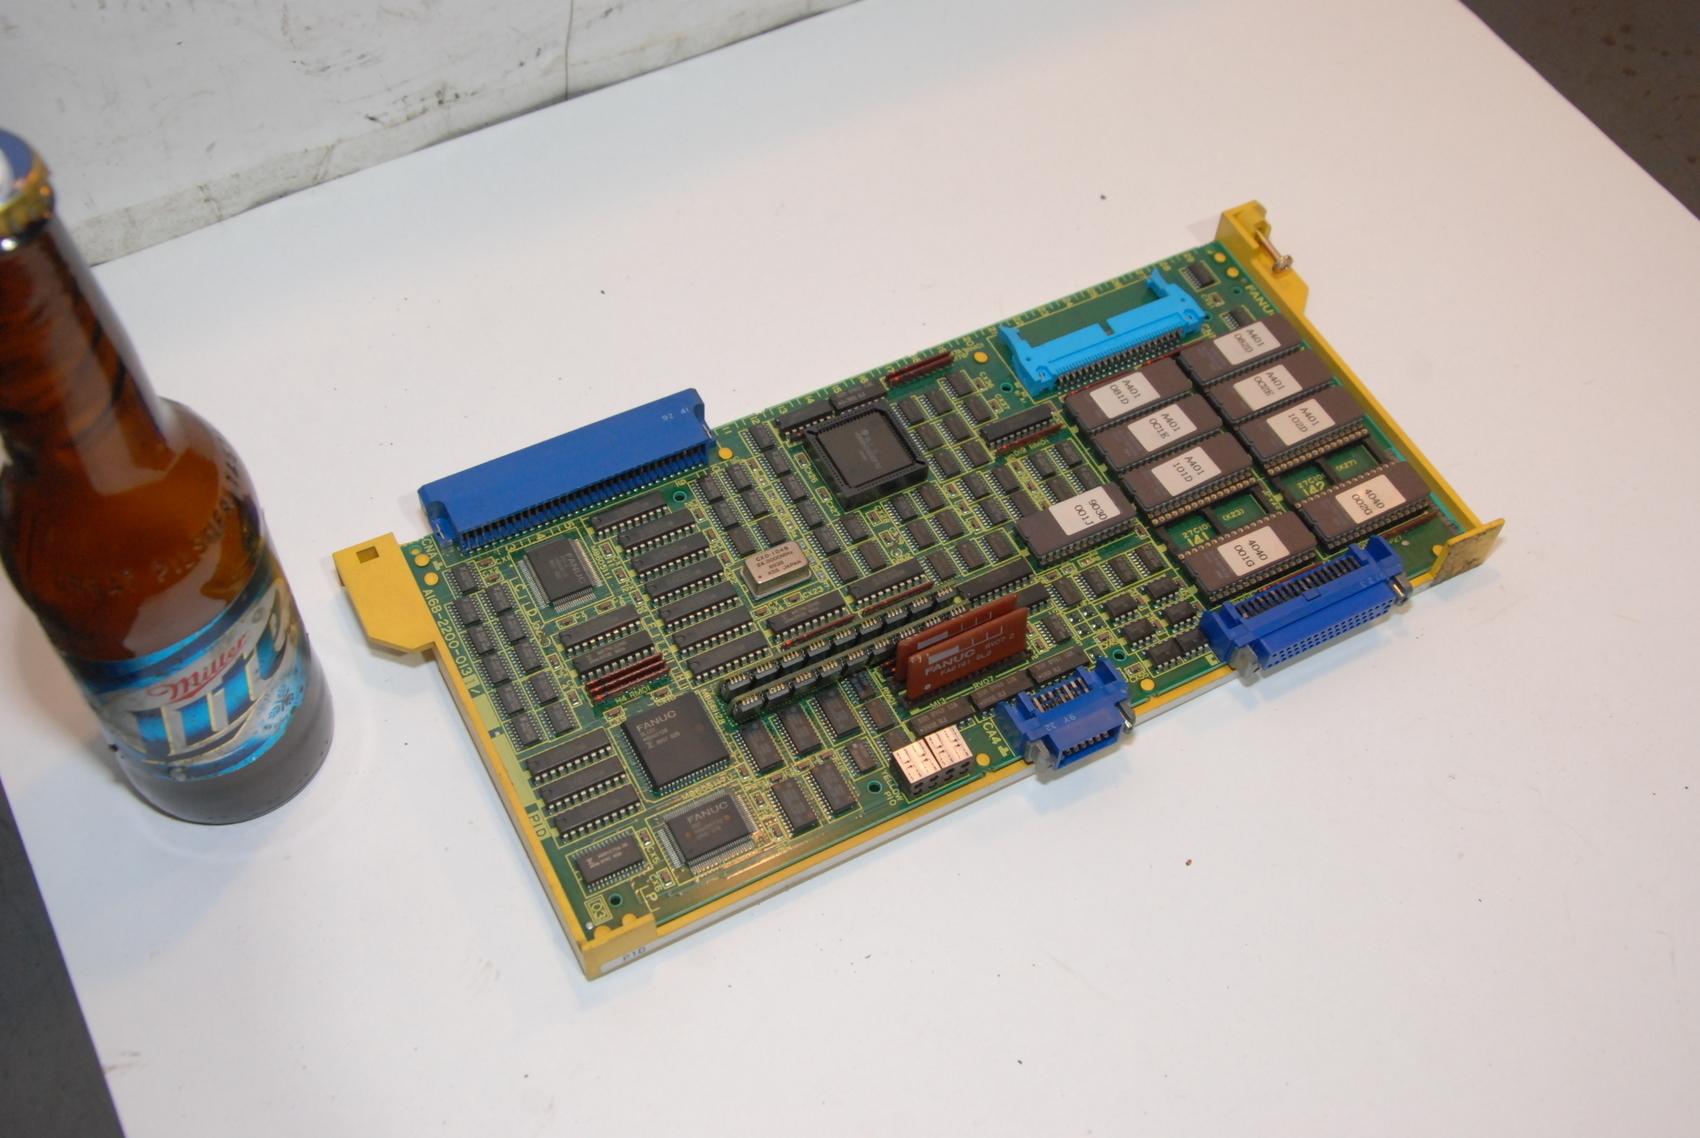 Fanuc A16B-2200-0131 board